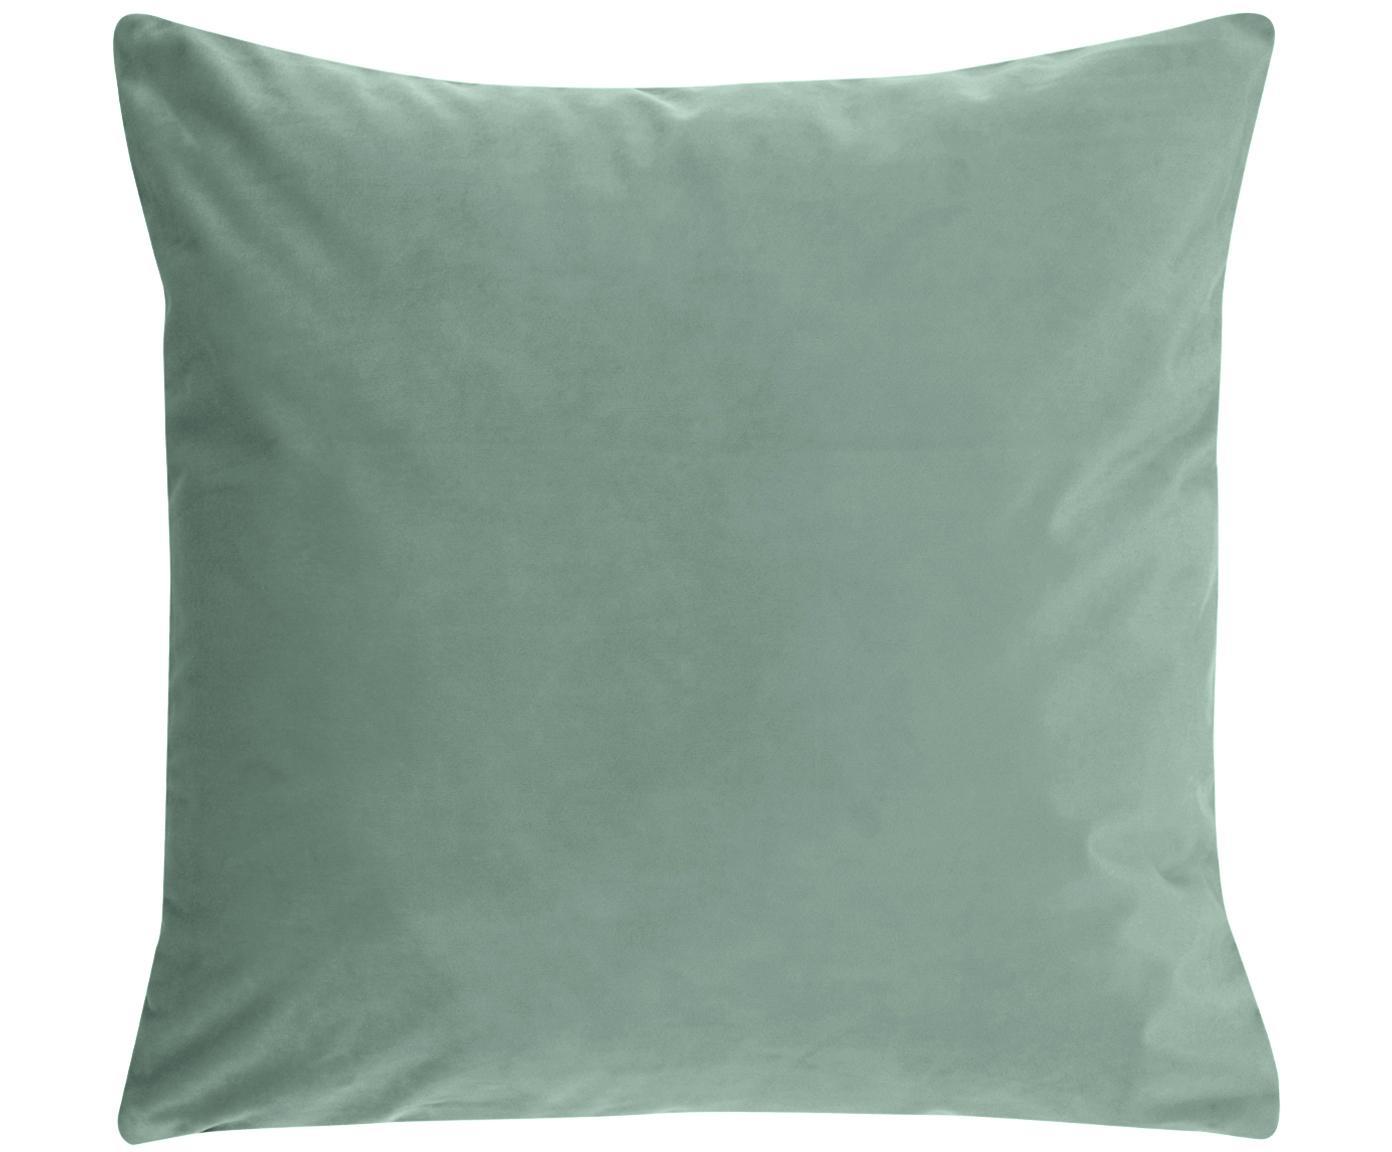 Poszewka na poduszkę z aksamitu Monet, 100% aksamit poliestrowy, Miętowy, S 50 x D 50 cm